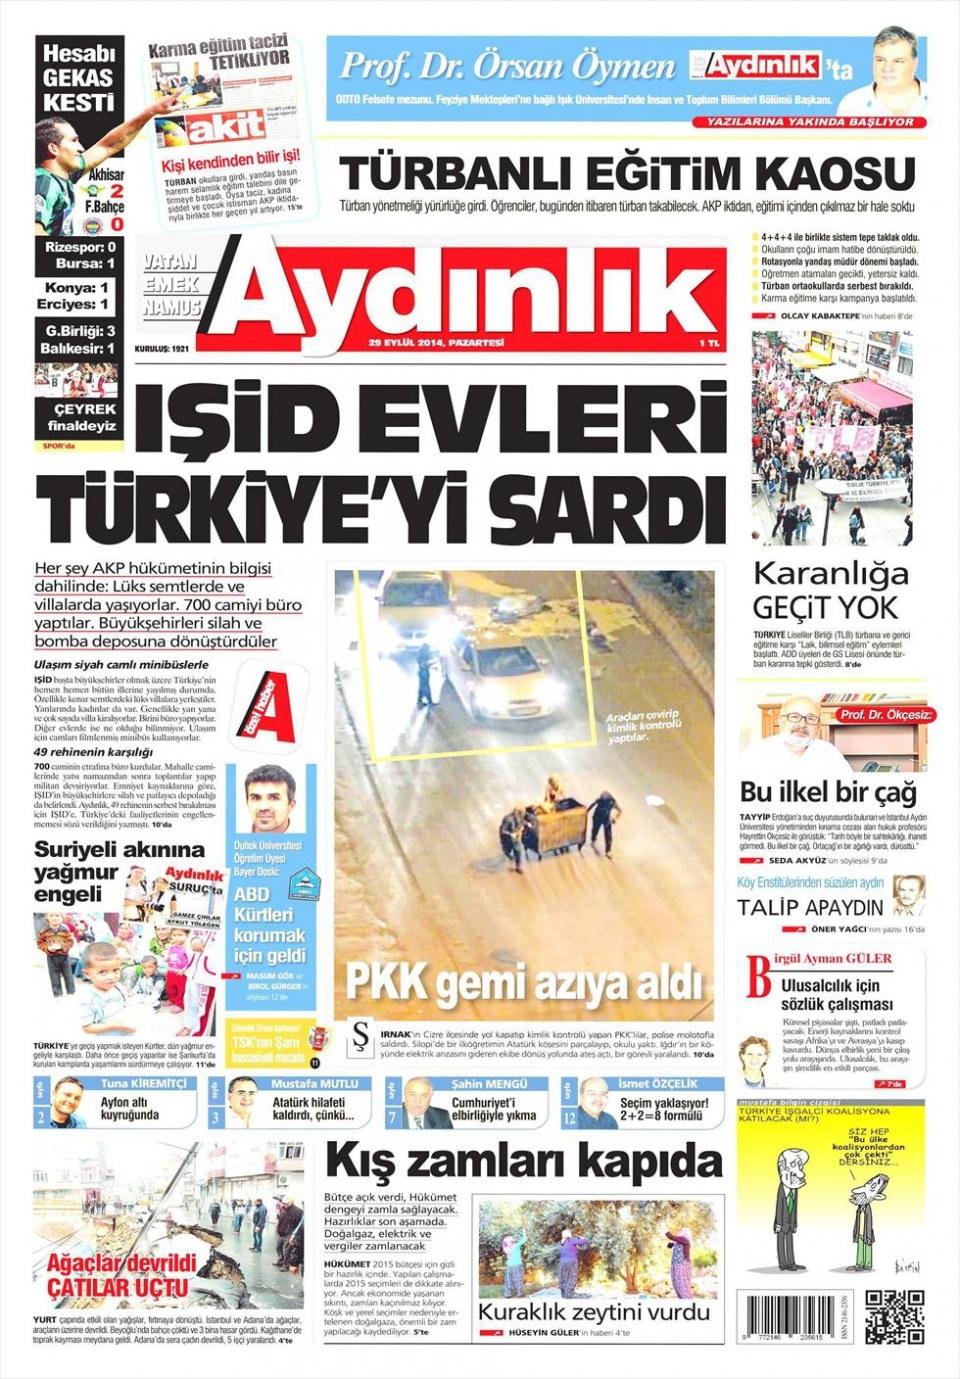 29 Eylül 2014 gazete manşetleri 3